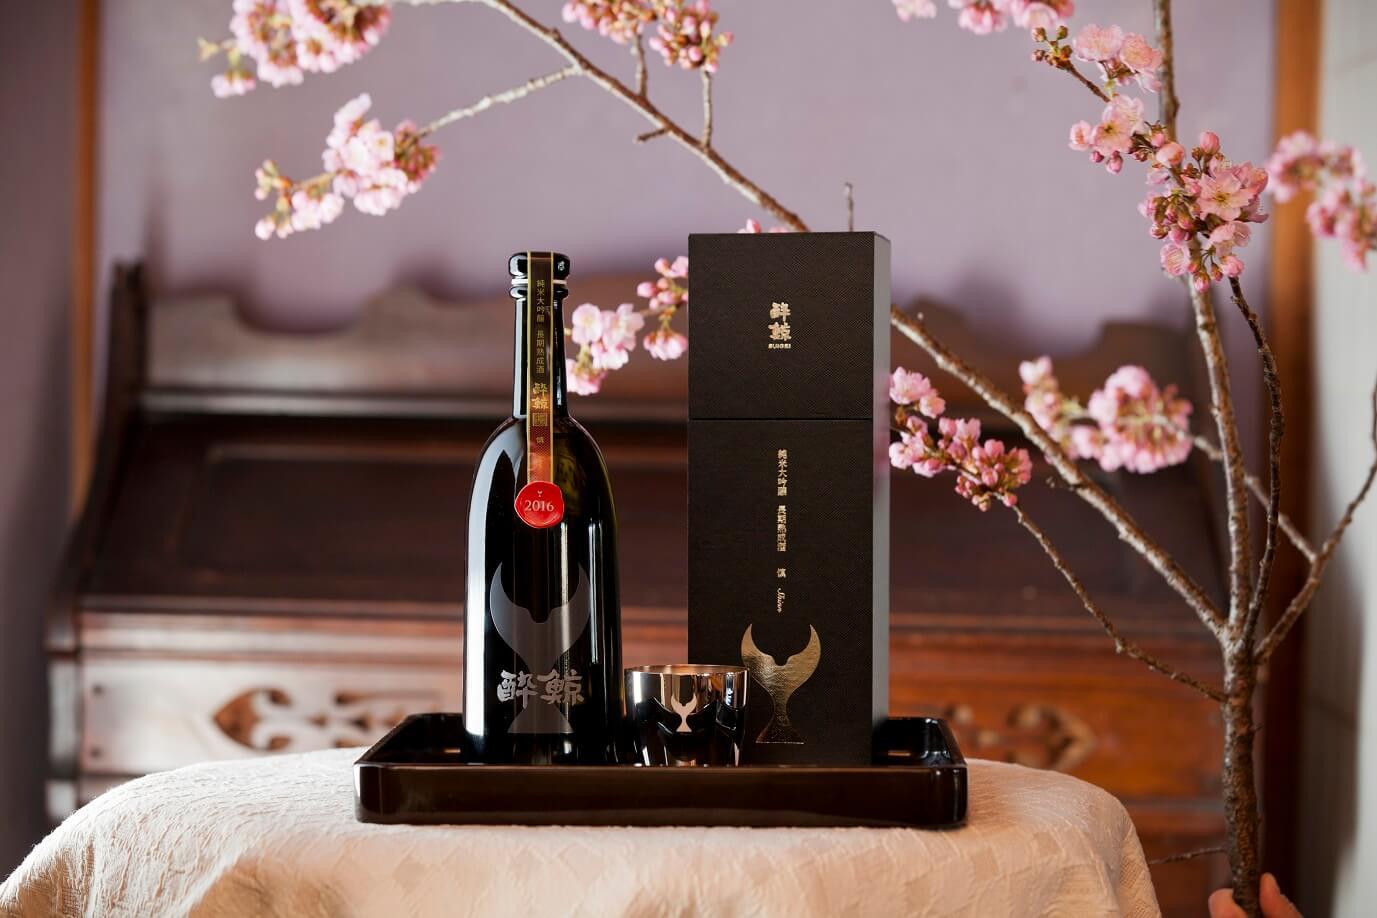 時が育む熟成純米大吟醸<br> 「SUIGEI JOURNAL 2020年3月号」より